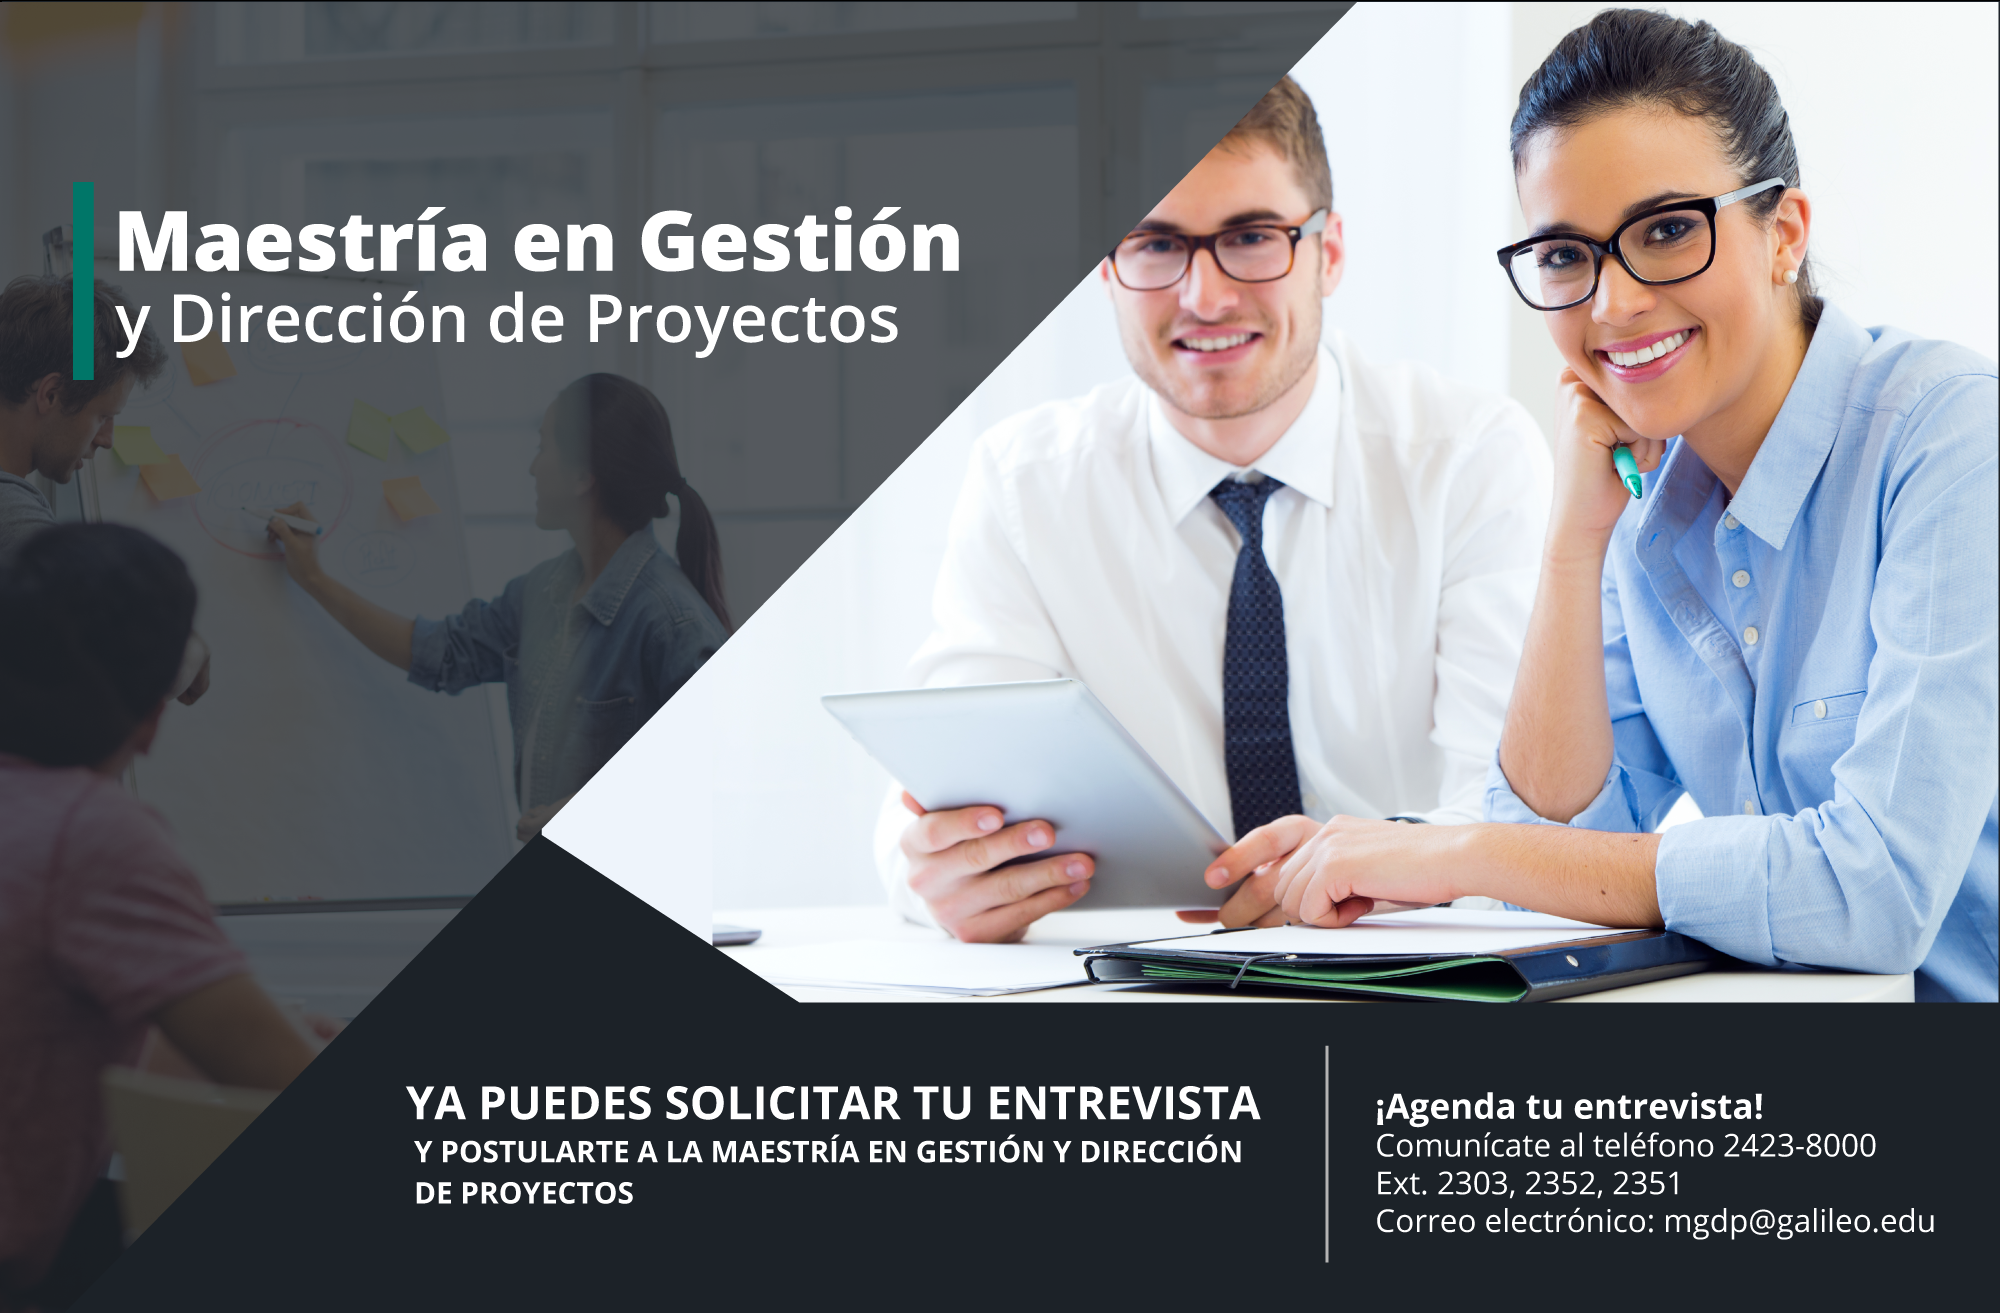 Imagen: Maestría en Gestión y Dirección de Proyectos - spot